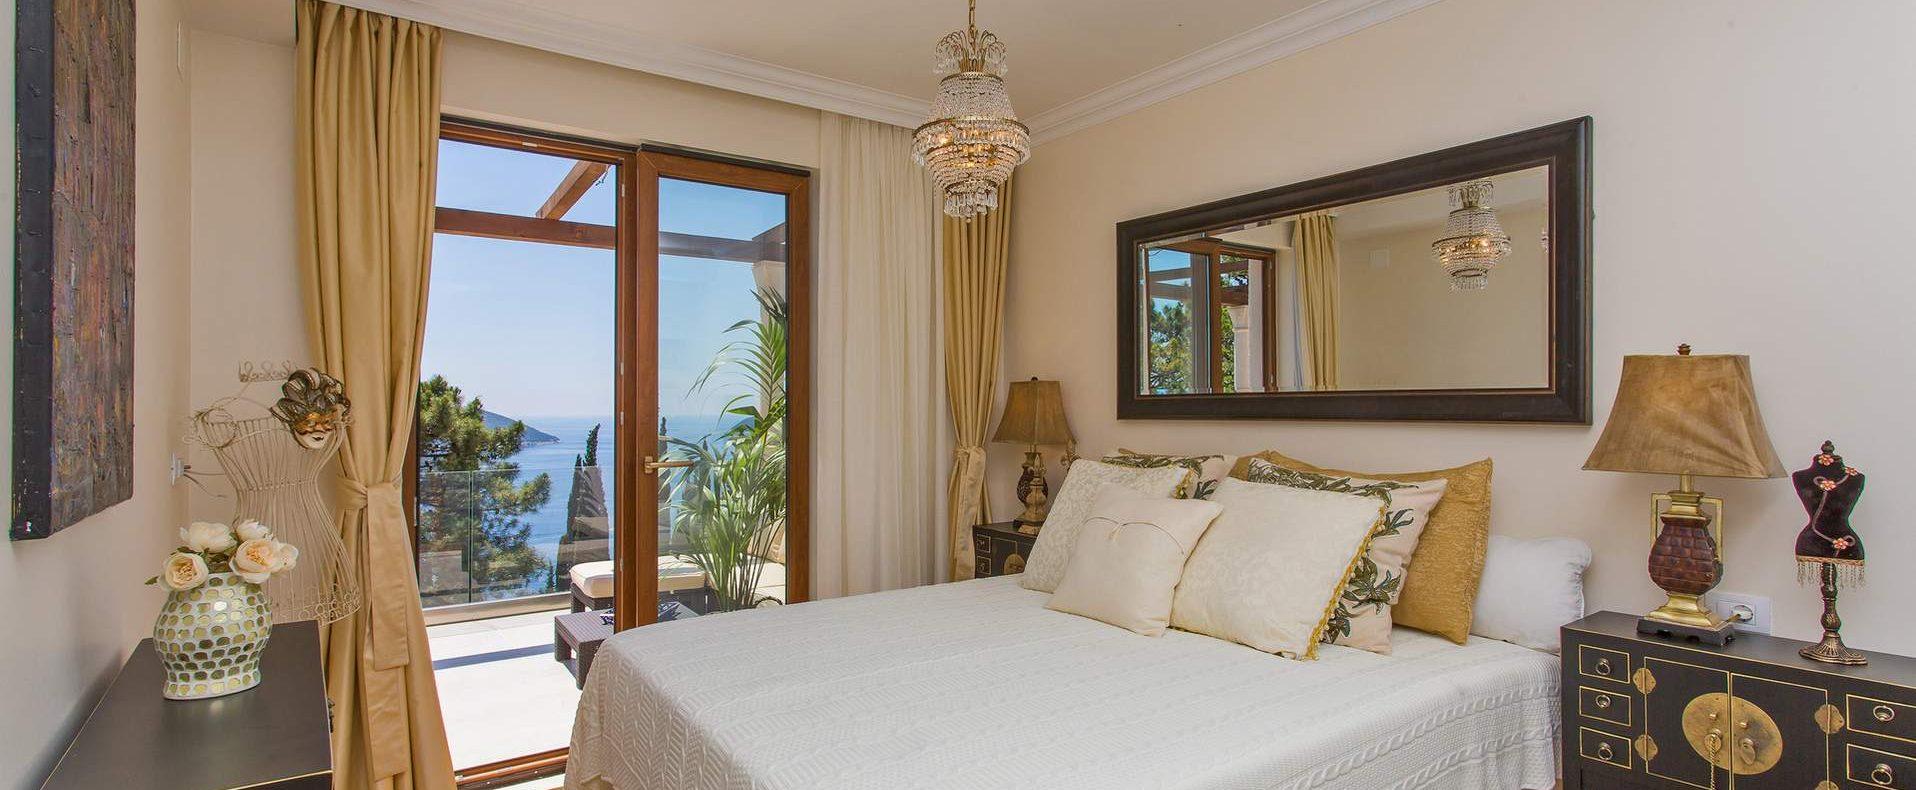 Dubrovnik luxury villa bedroom